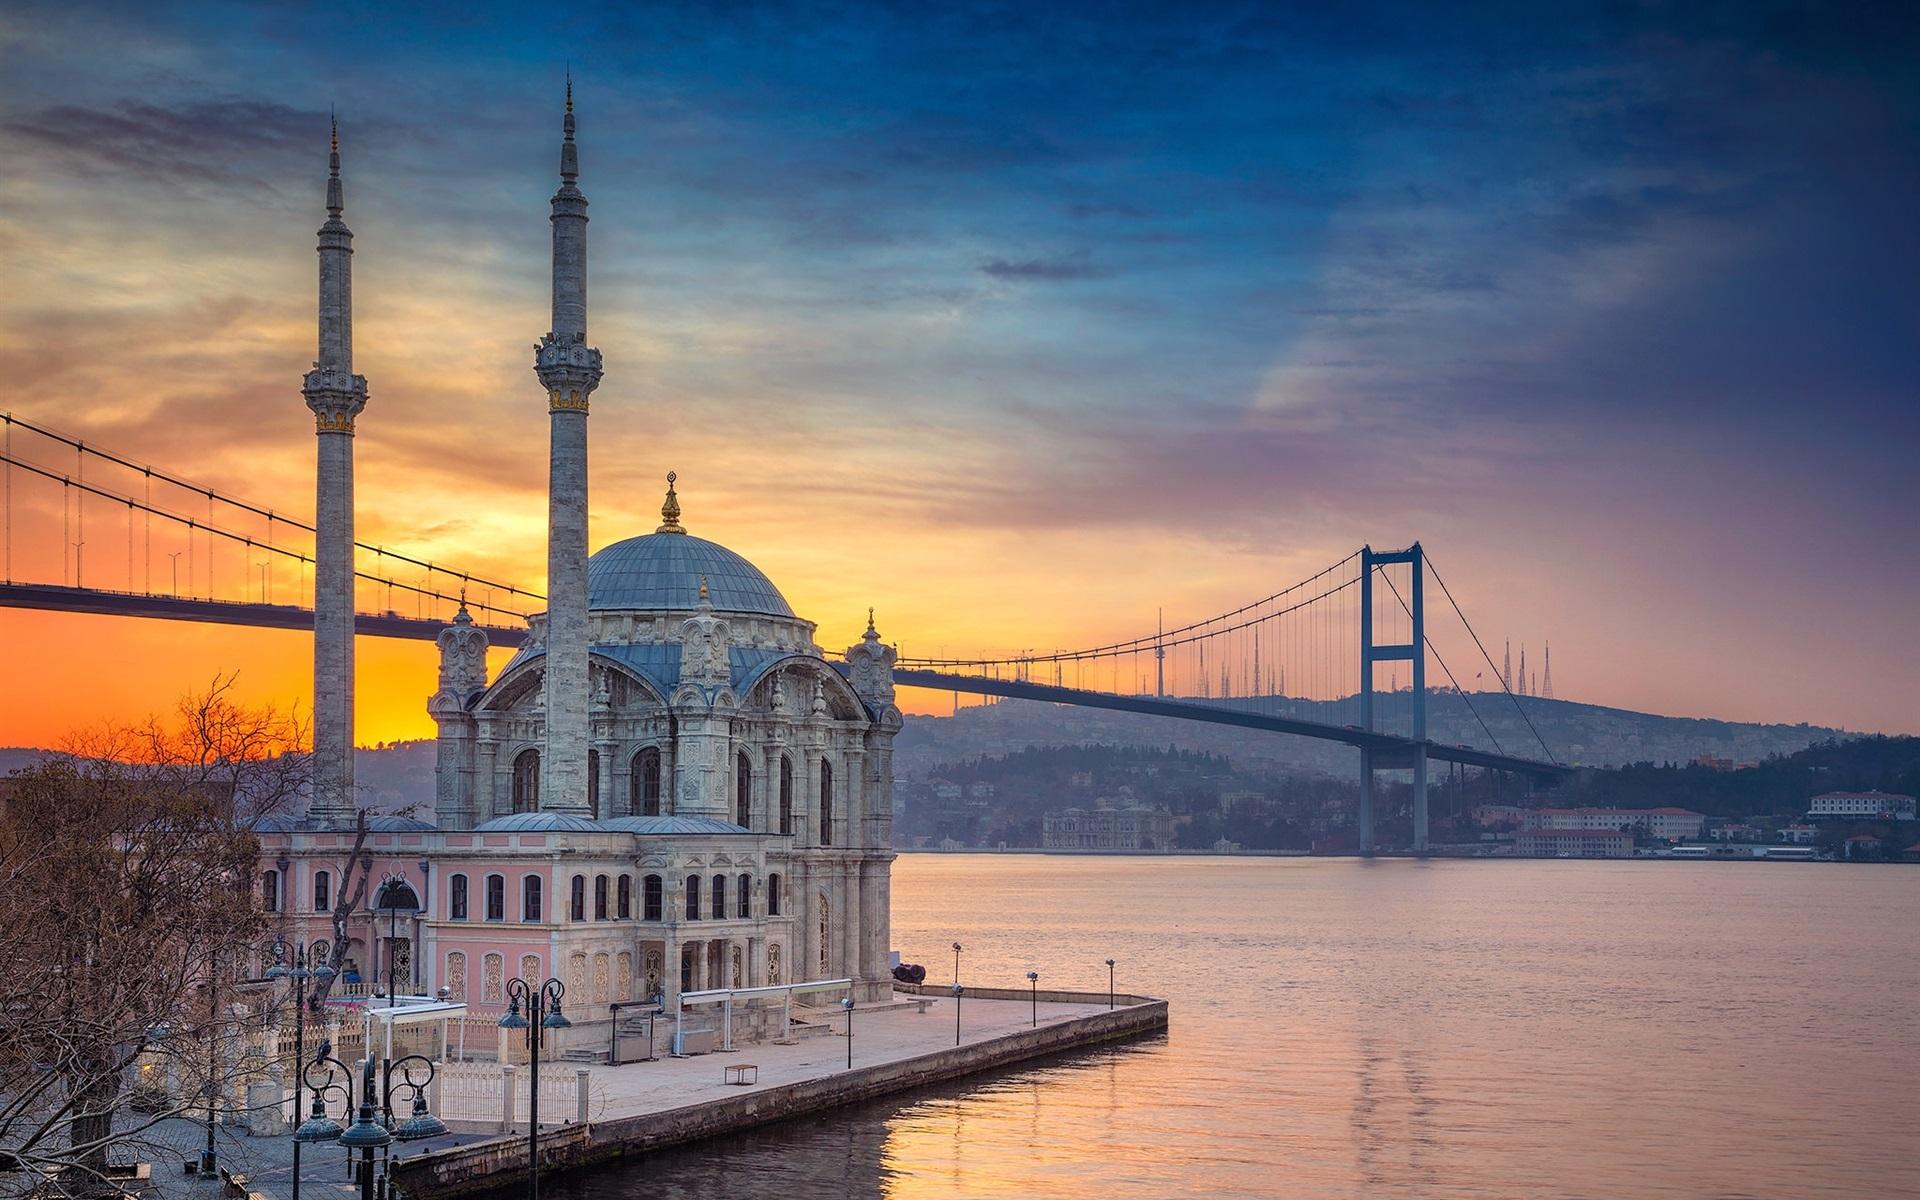 Alquiler de yates en Turquía. Yates baratos de alquiler en Turquía. Yates de alquiler en Turquía